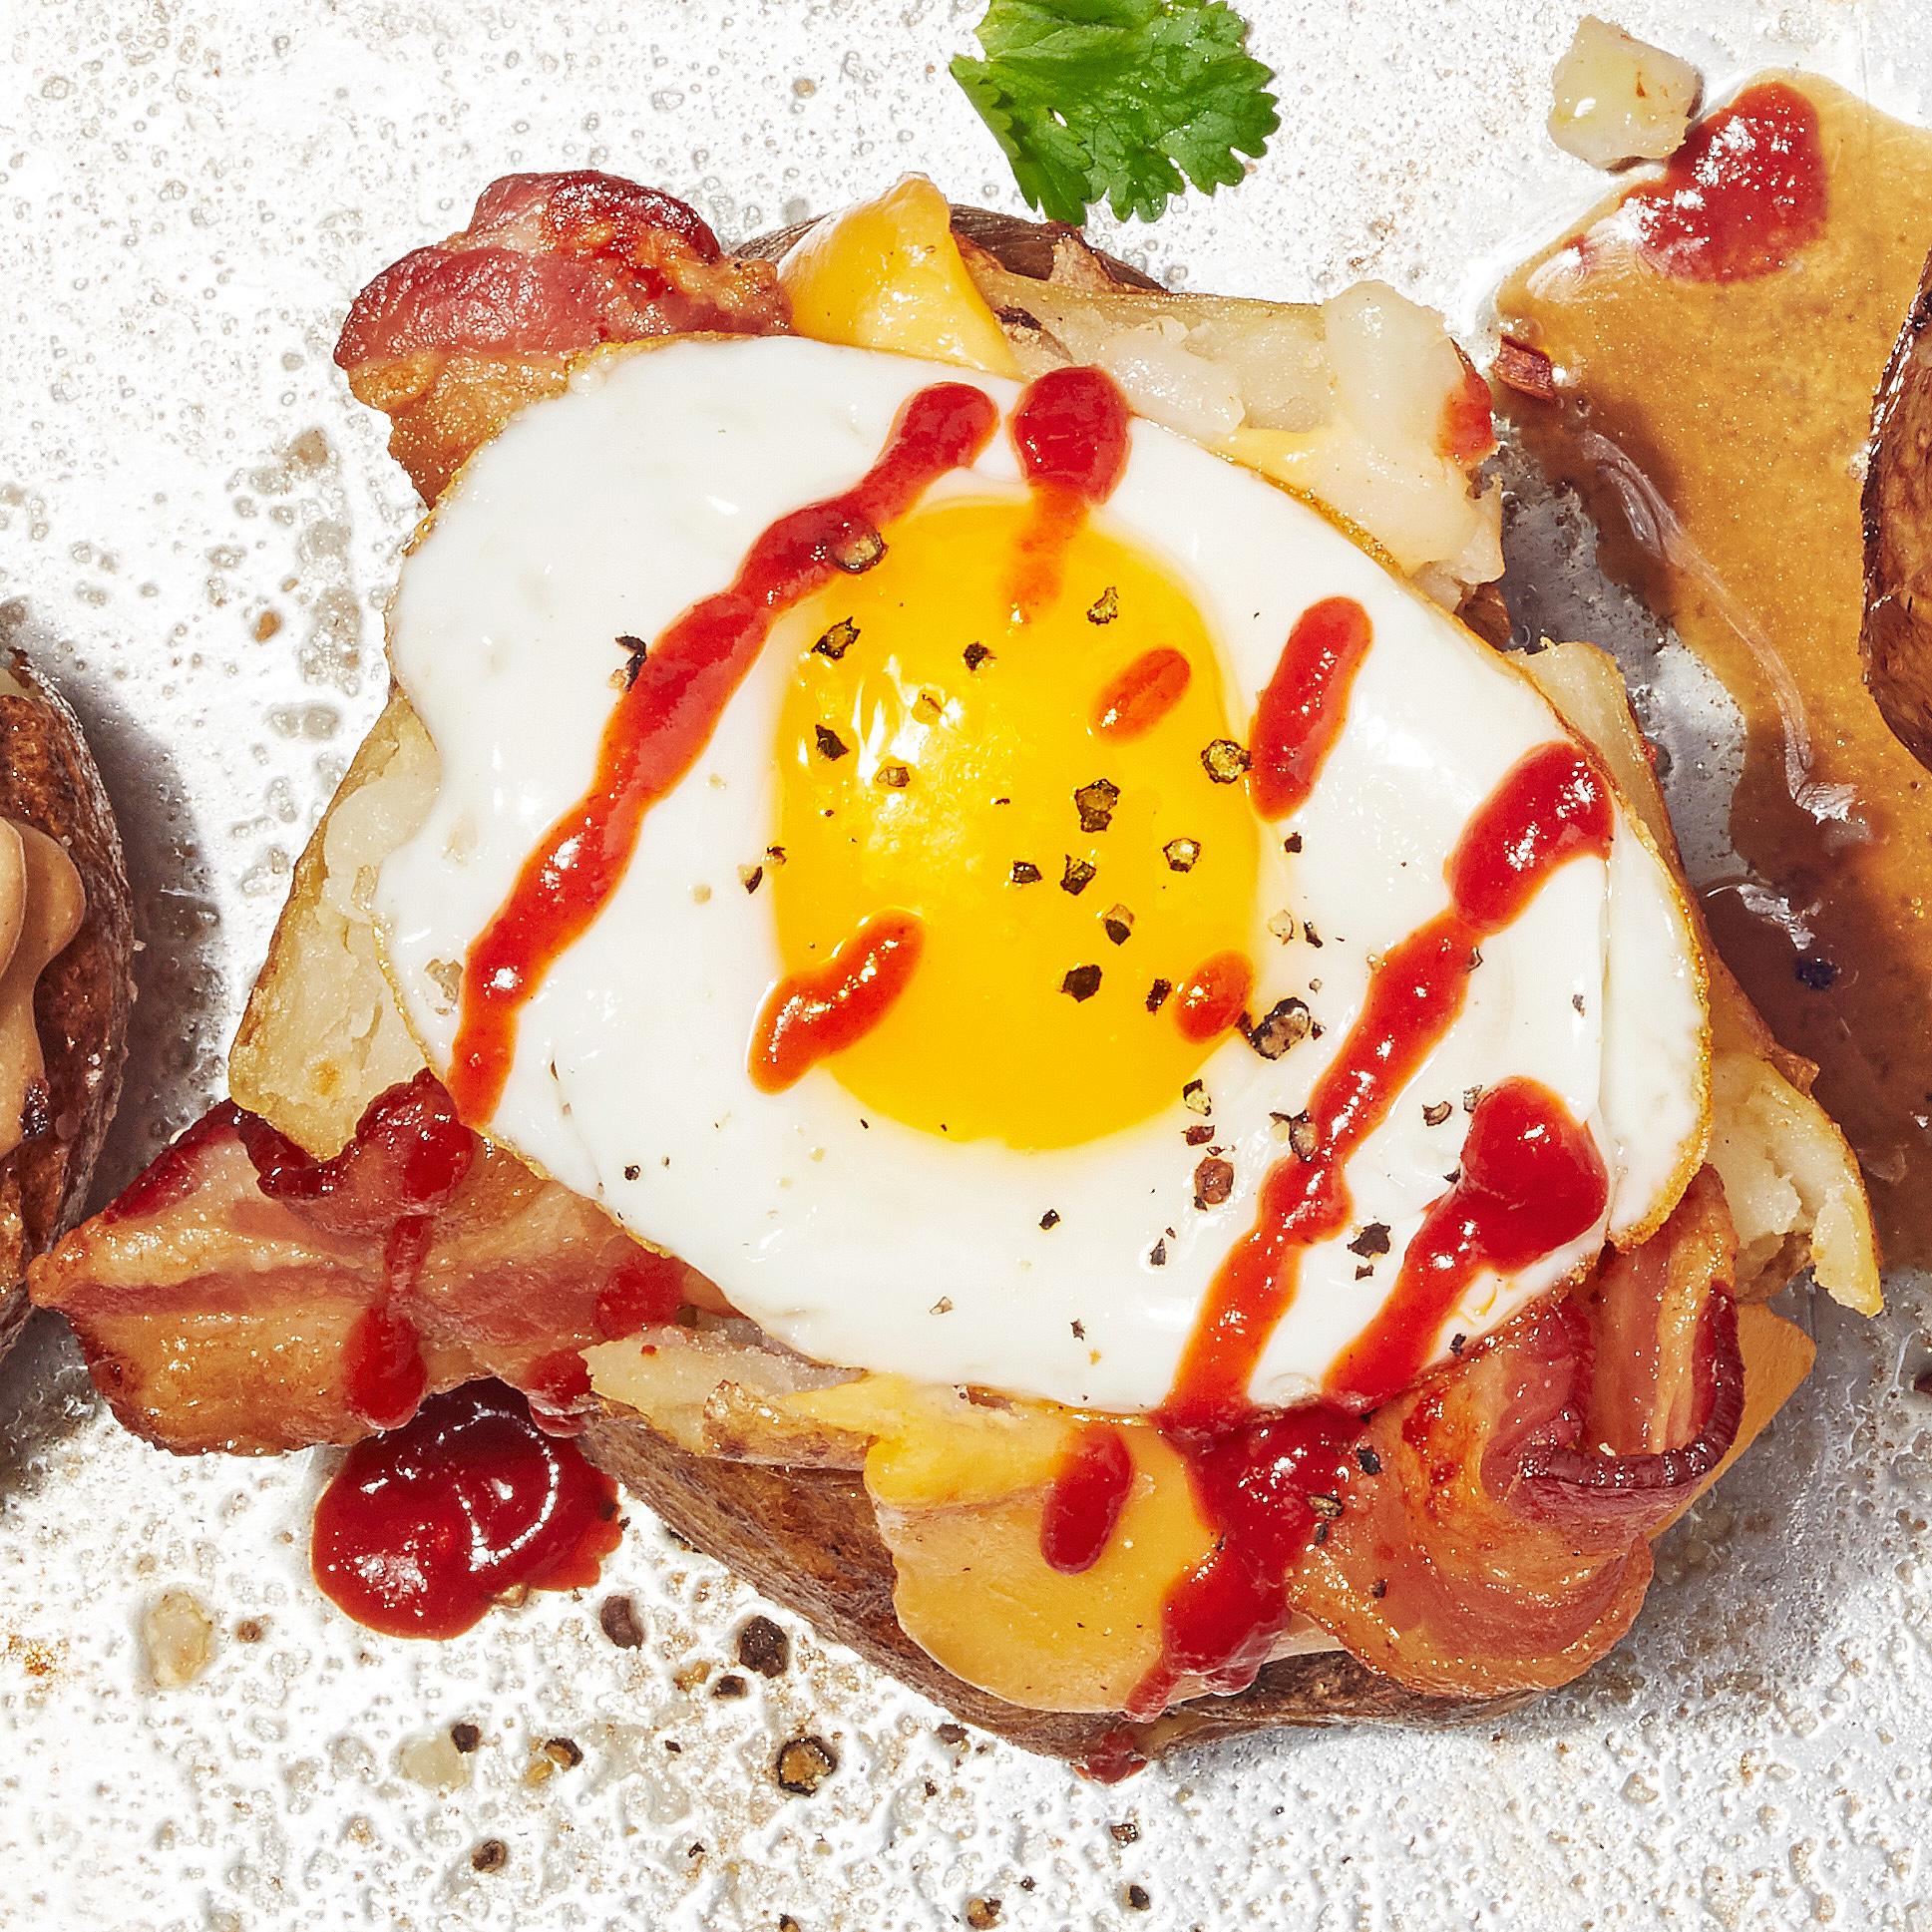 spicy breakfast sammie baked potato